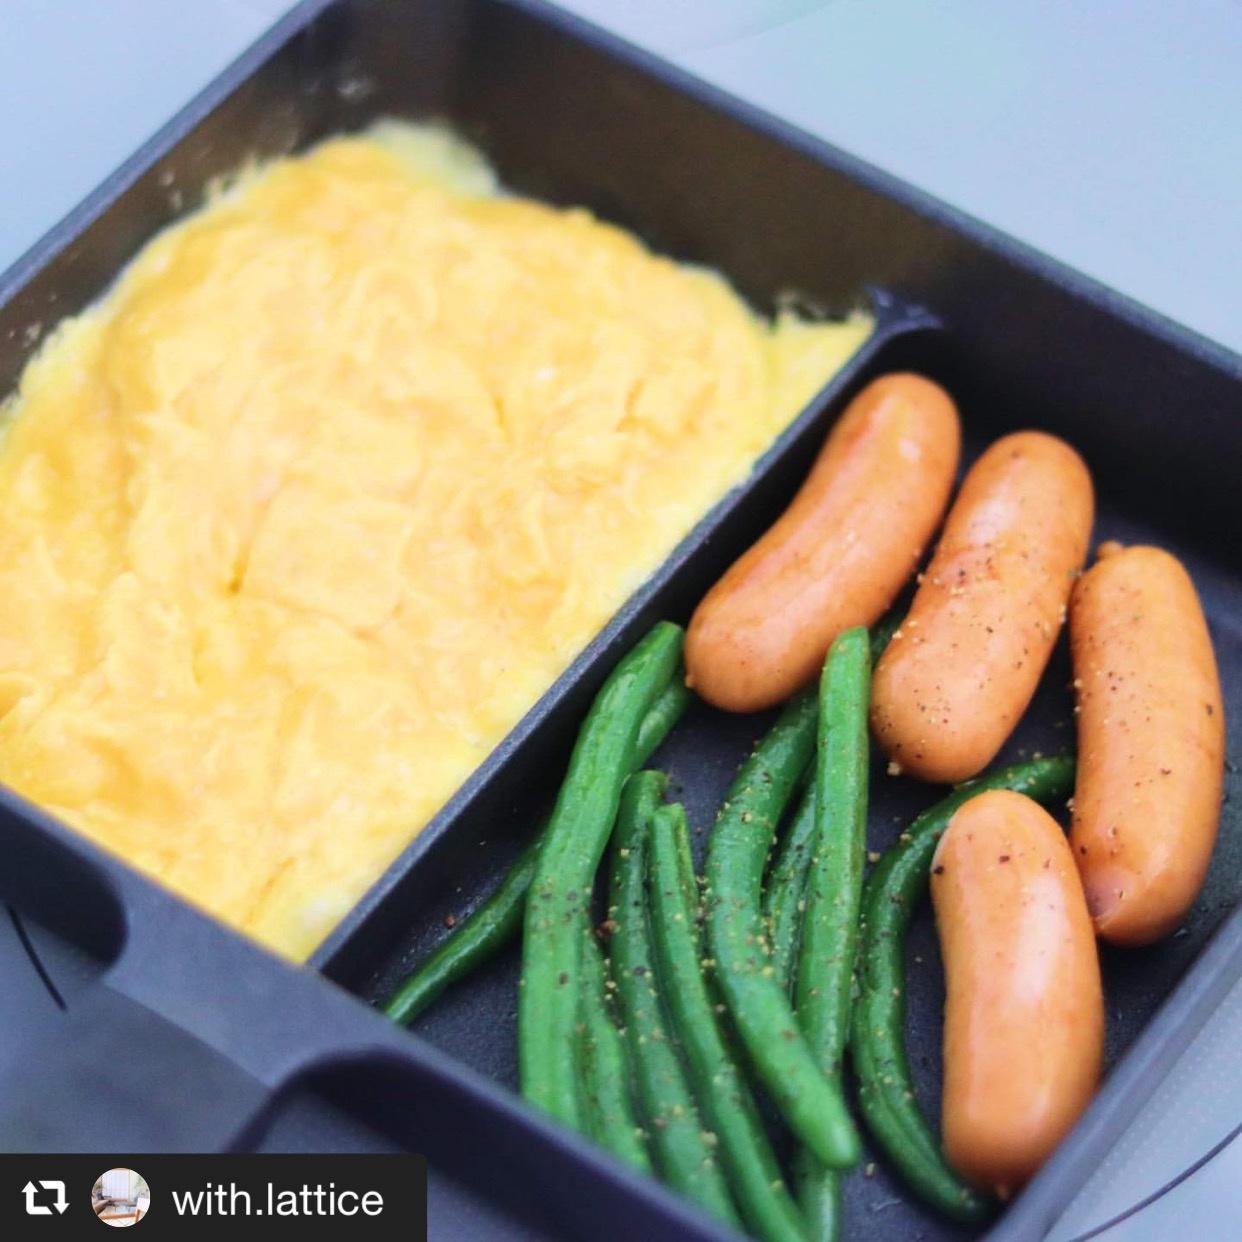 2種類のおかずを同時調理! ニトリのセパレートパンが便利 画像1